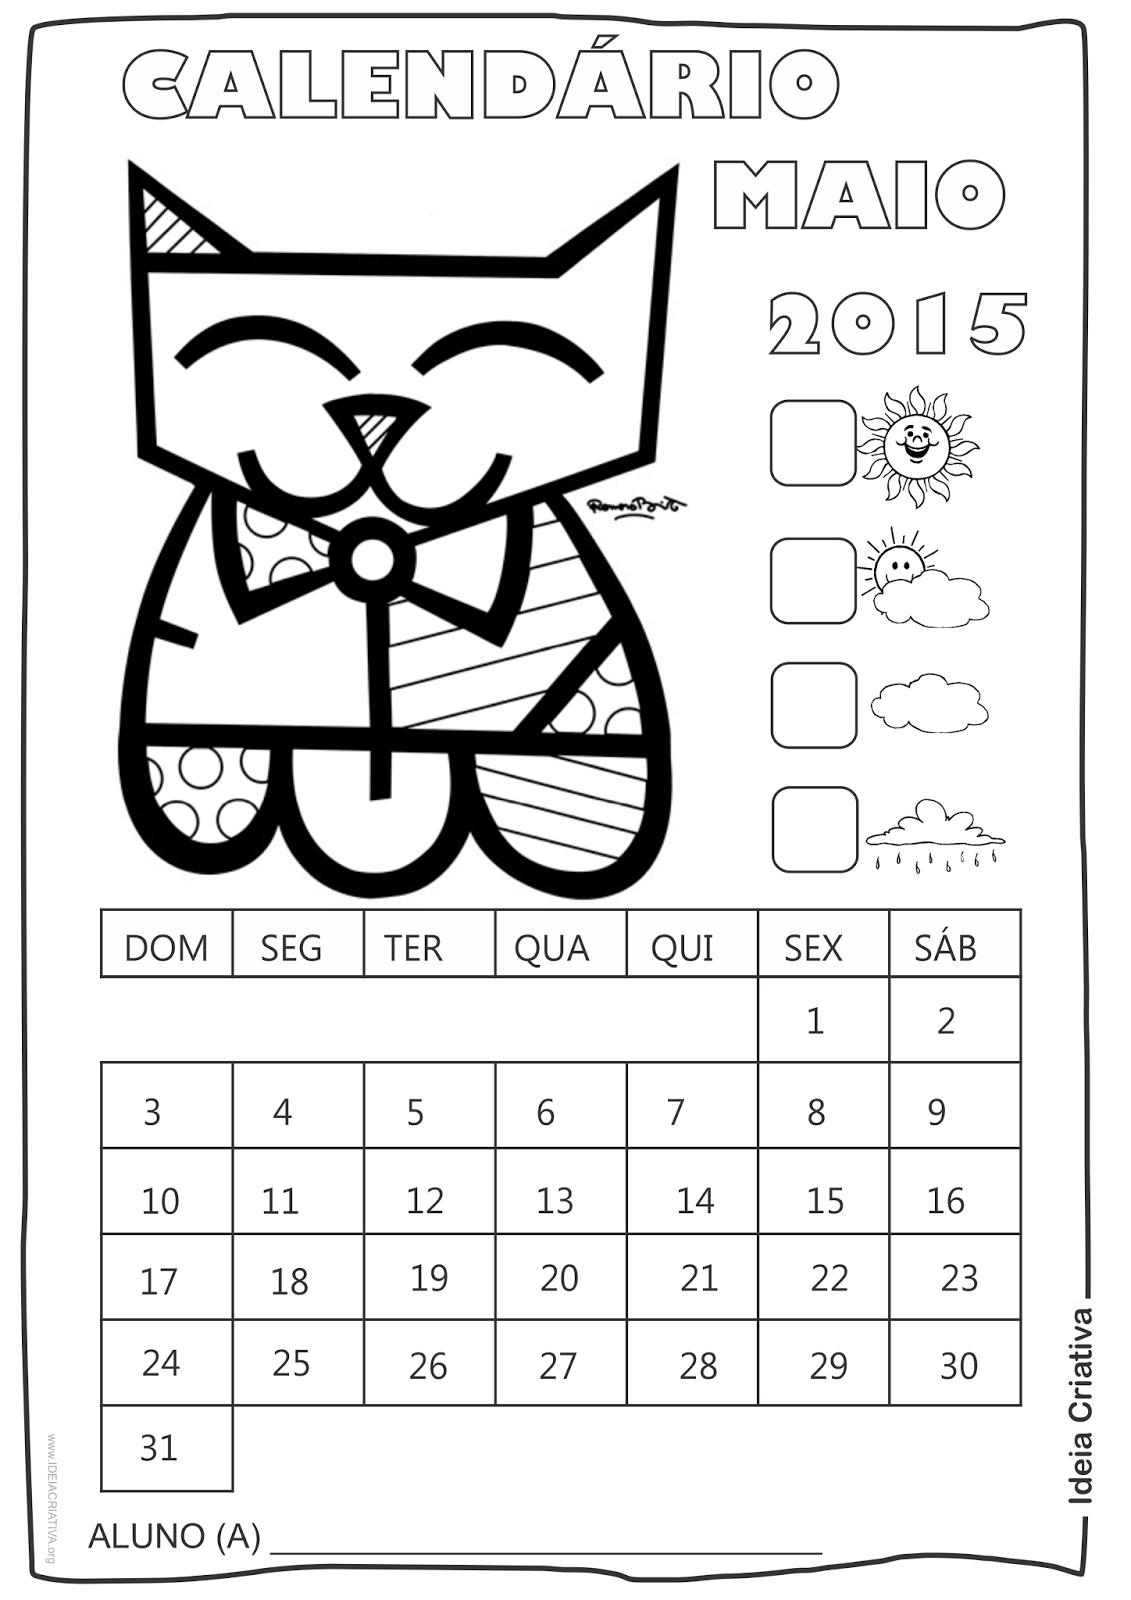 Calendário  Maio 2015 com Desenho Gatinho de Romero Britto para Colorir Sem Numeração